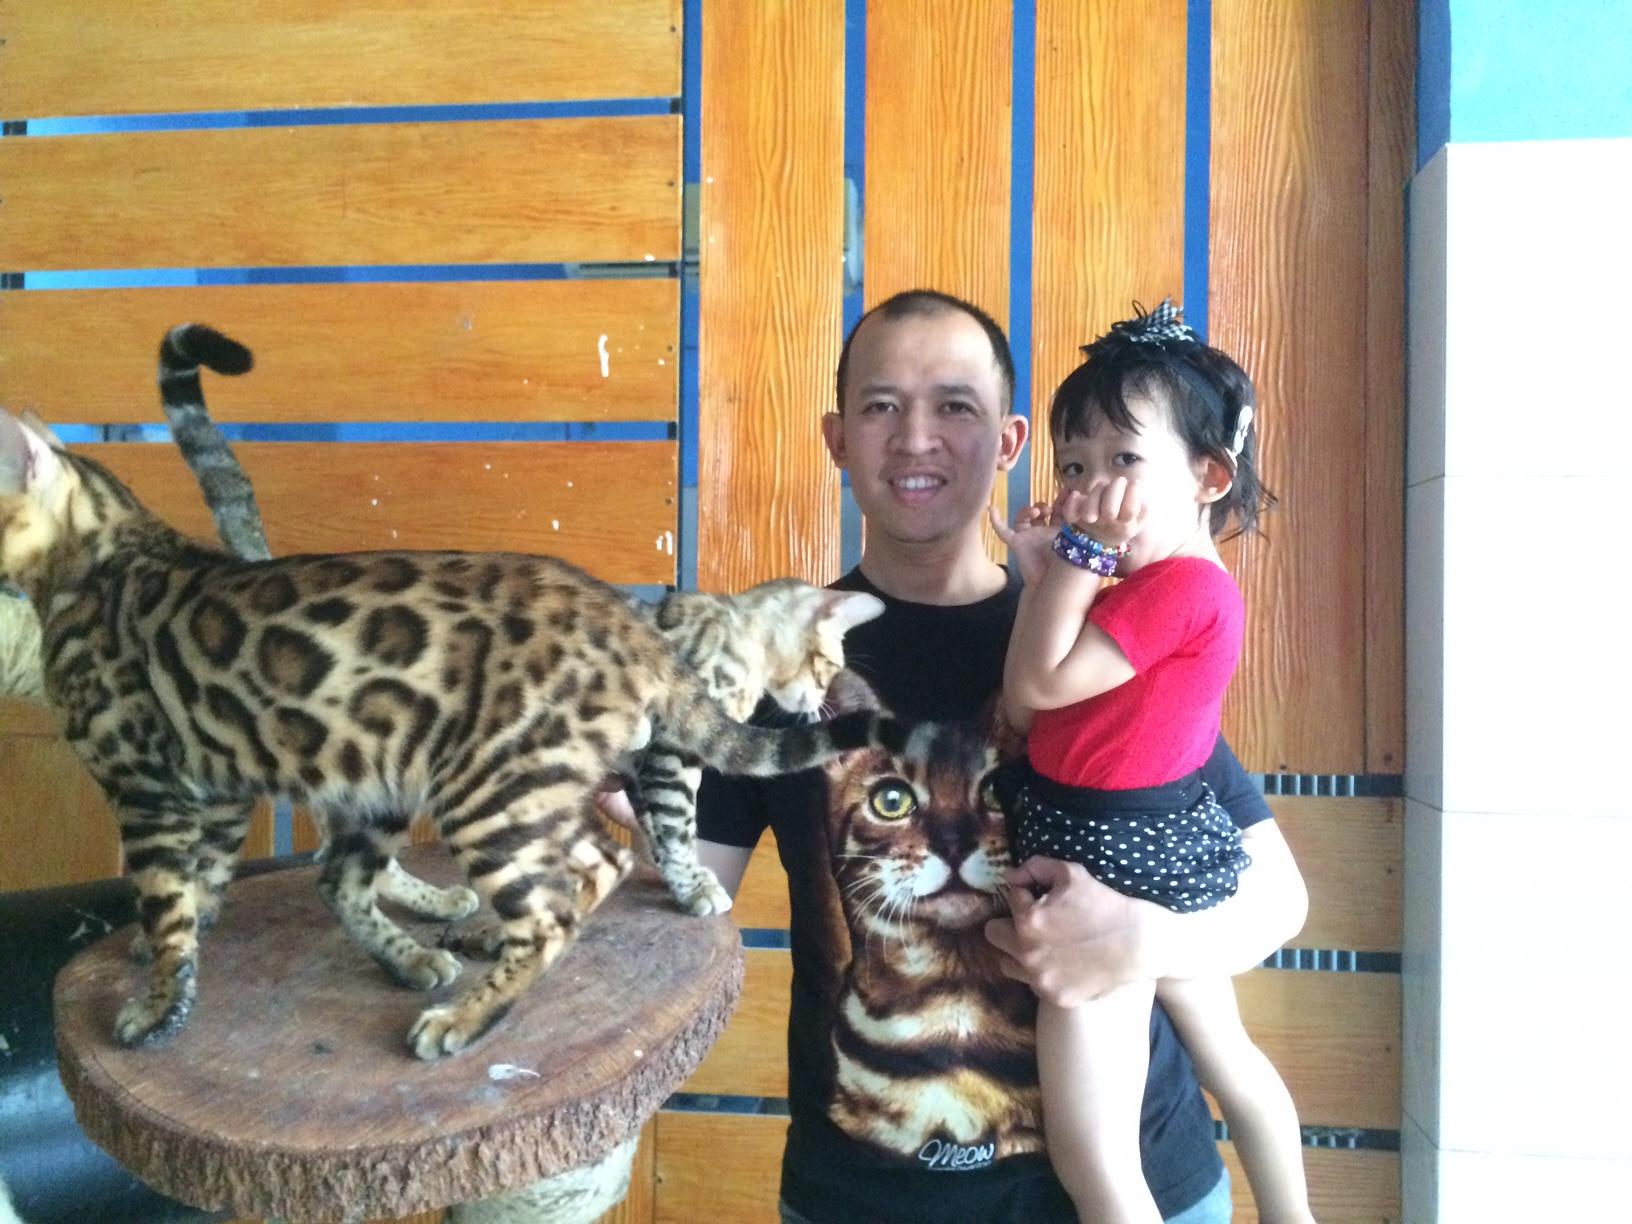 Kisah Rio, pembiak kucing mirip macan tutul satu-satunya di Jogja